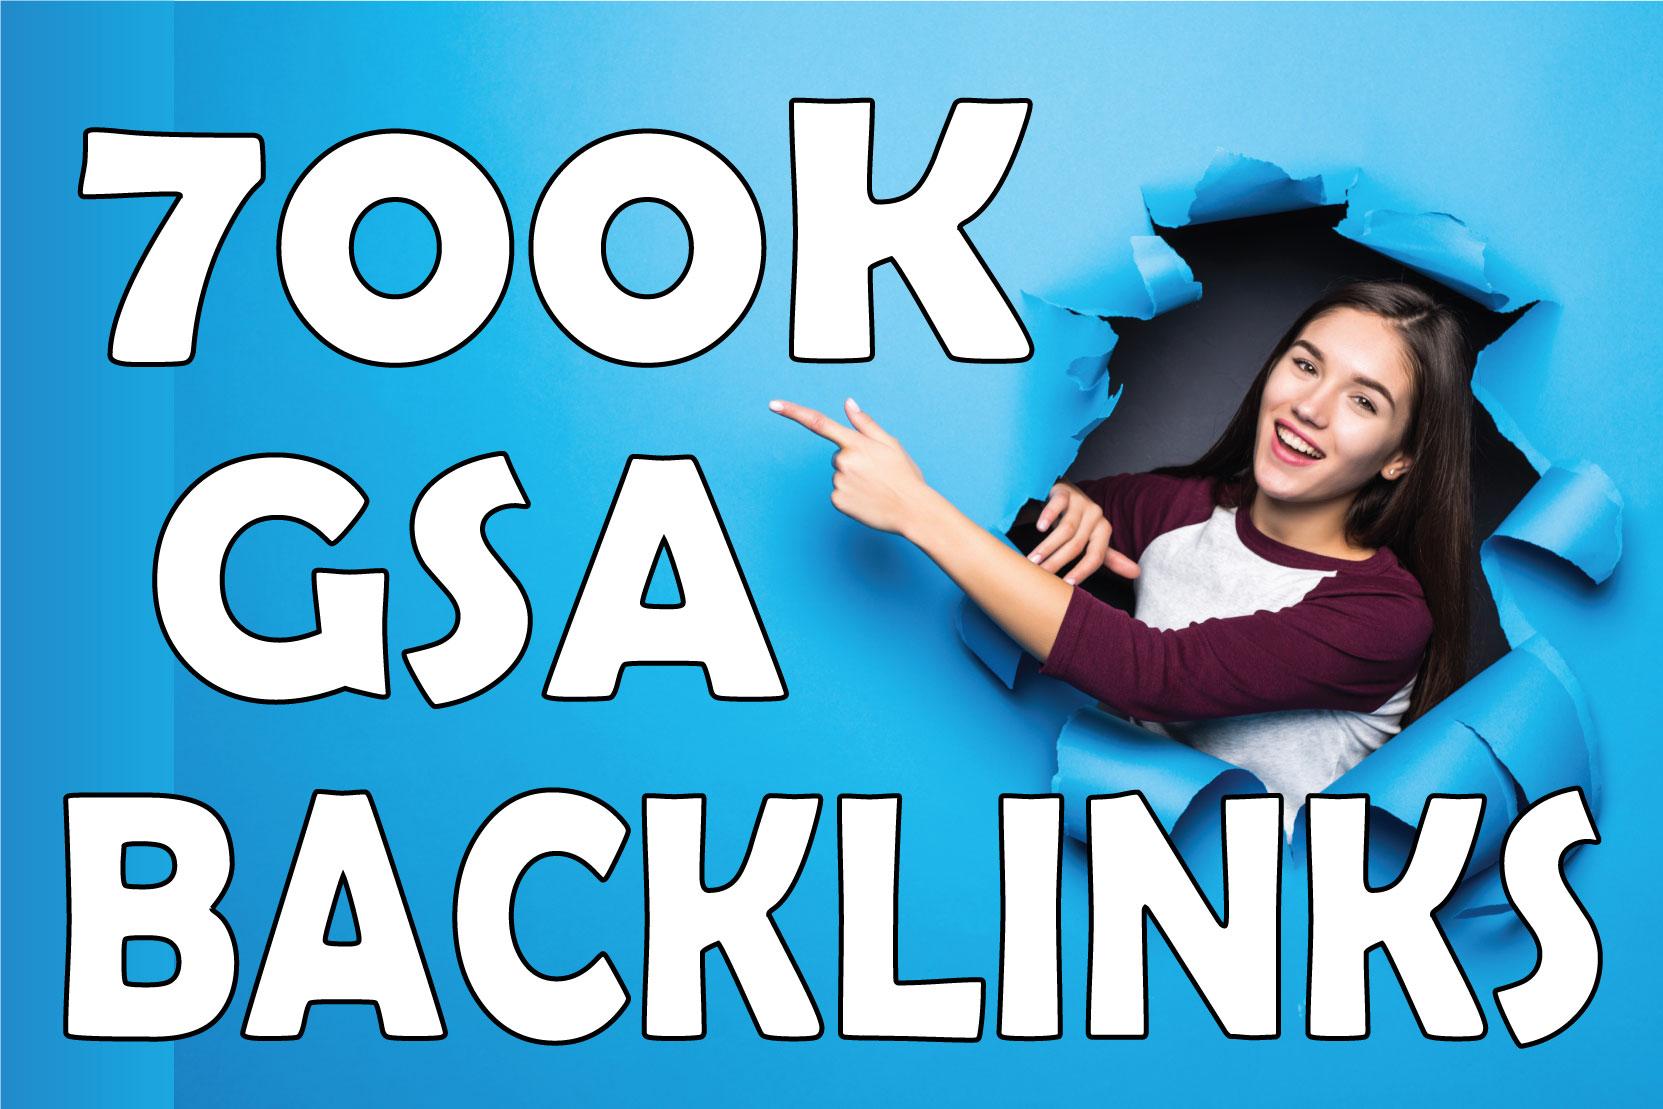 I will generate 700k GSA SER dofollow backlink for whitehat SEO